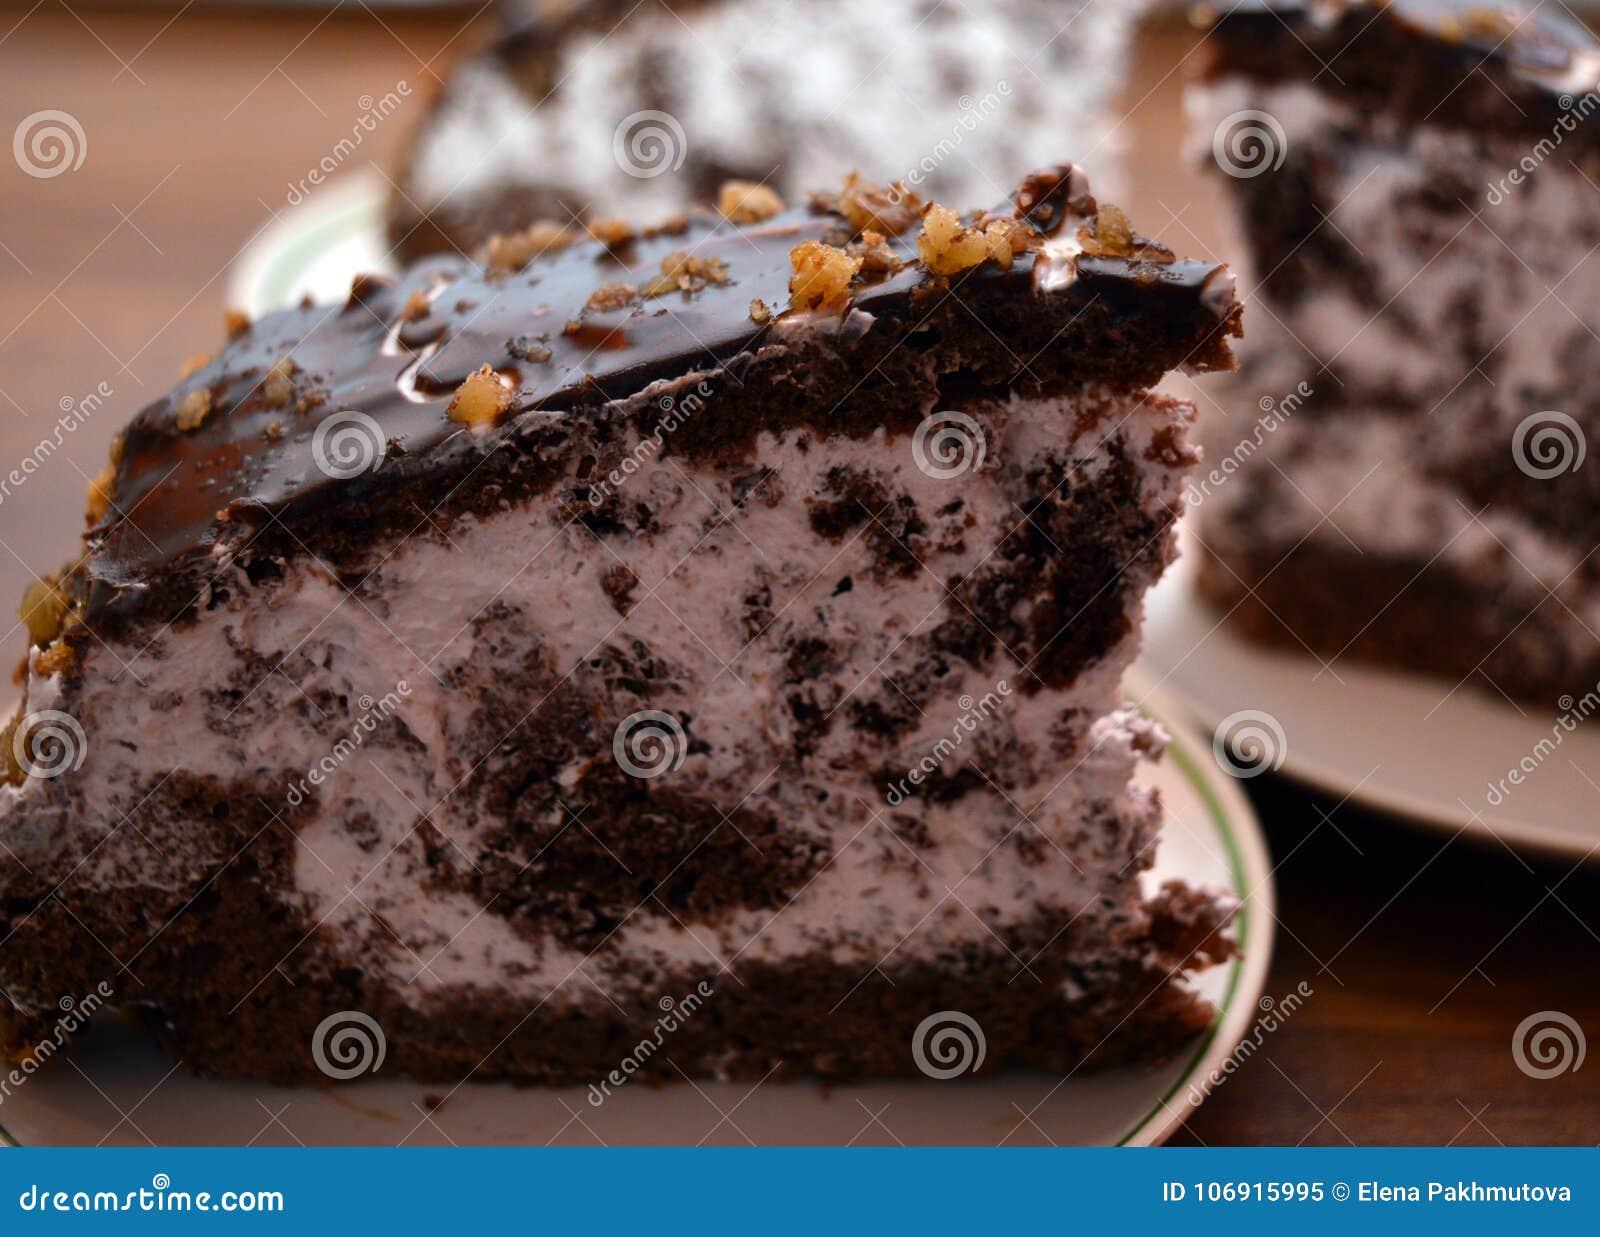 Tort, czekolada, deser, jedzenie, cukierki, talerz, wyśmienicie, brązowić, pokrajać, śmietanka, kawałek, kulebiak, ciasto, piekar